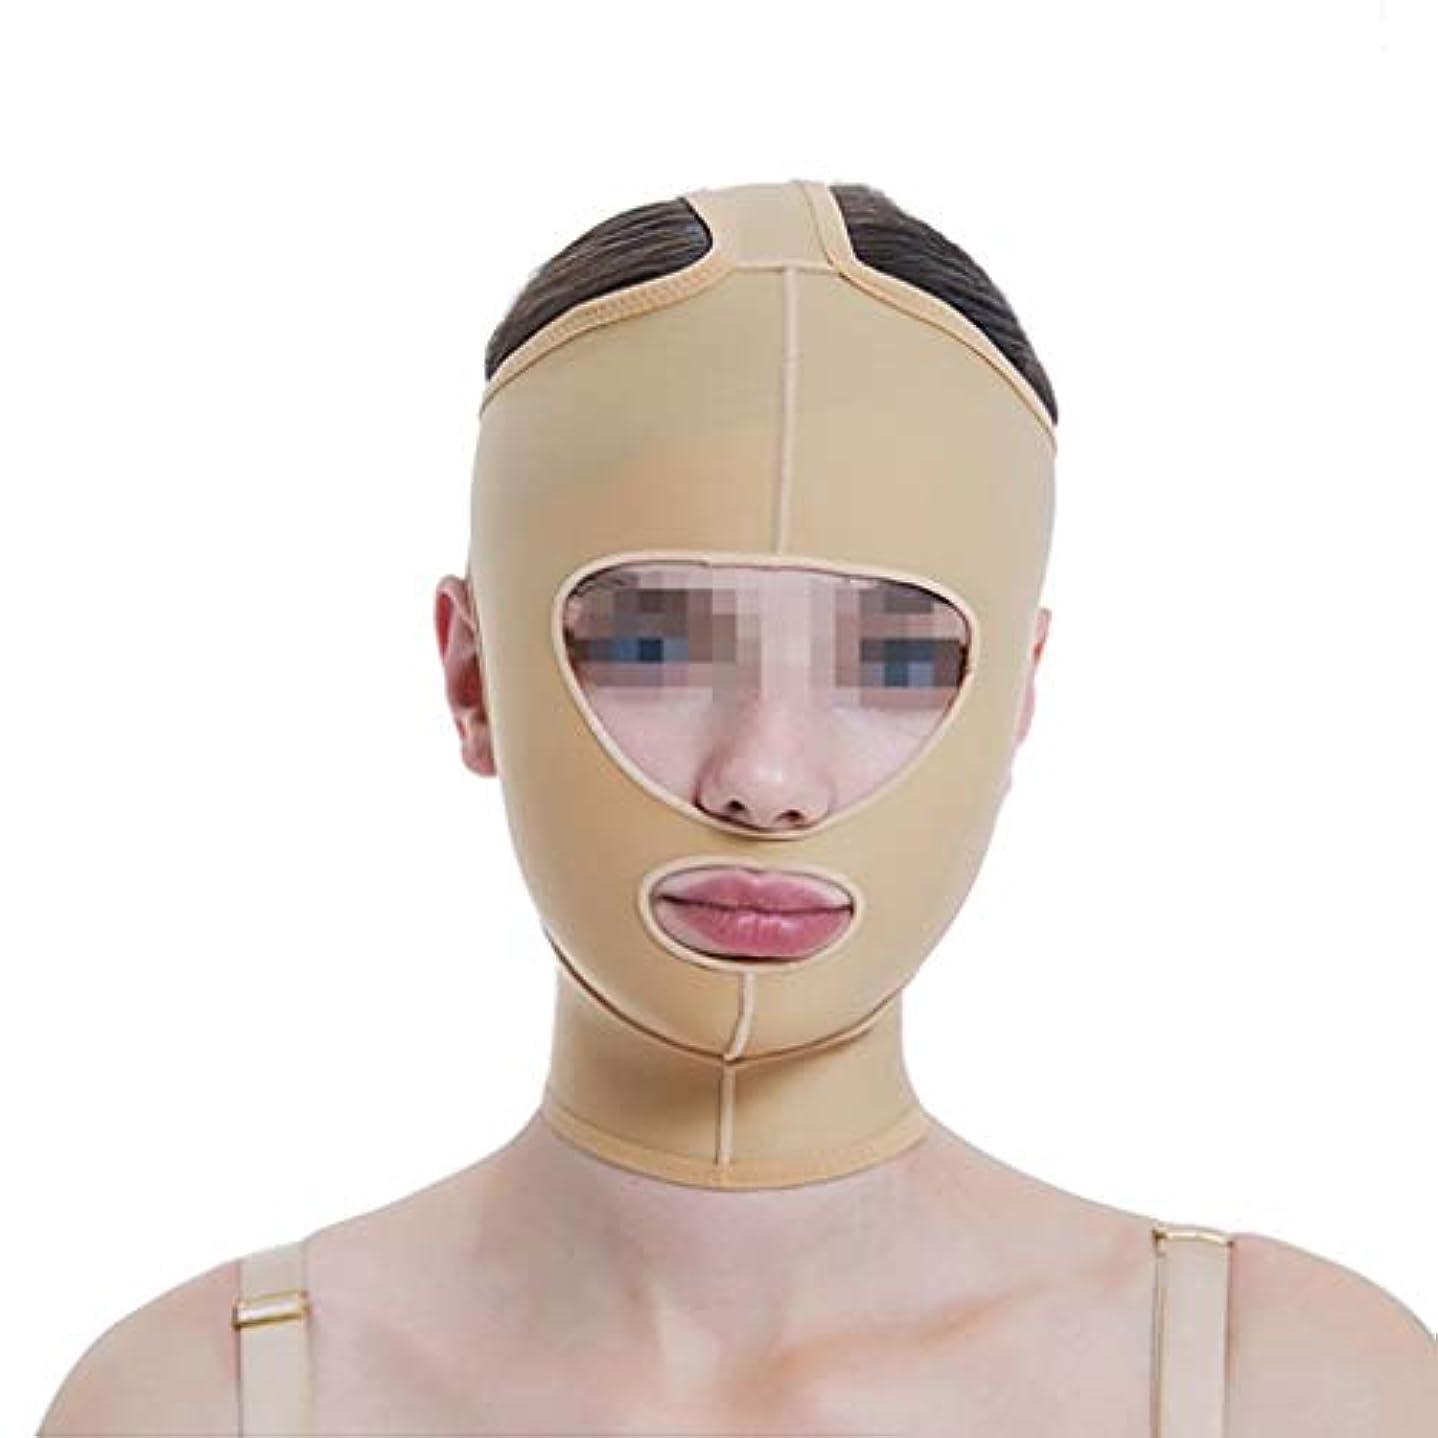 企業侵入縫うXHLMRMJ フェイスリフトマスク、ラインカービングフェイスエラスティックセットシンダブルチンVフェイスビーム、マルチサイズオプション (Size : M)